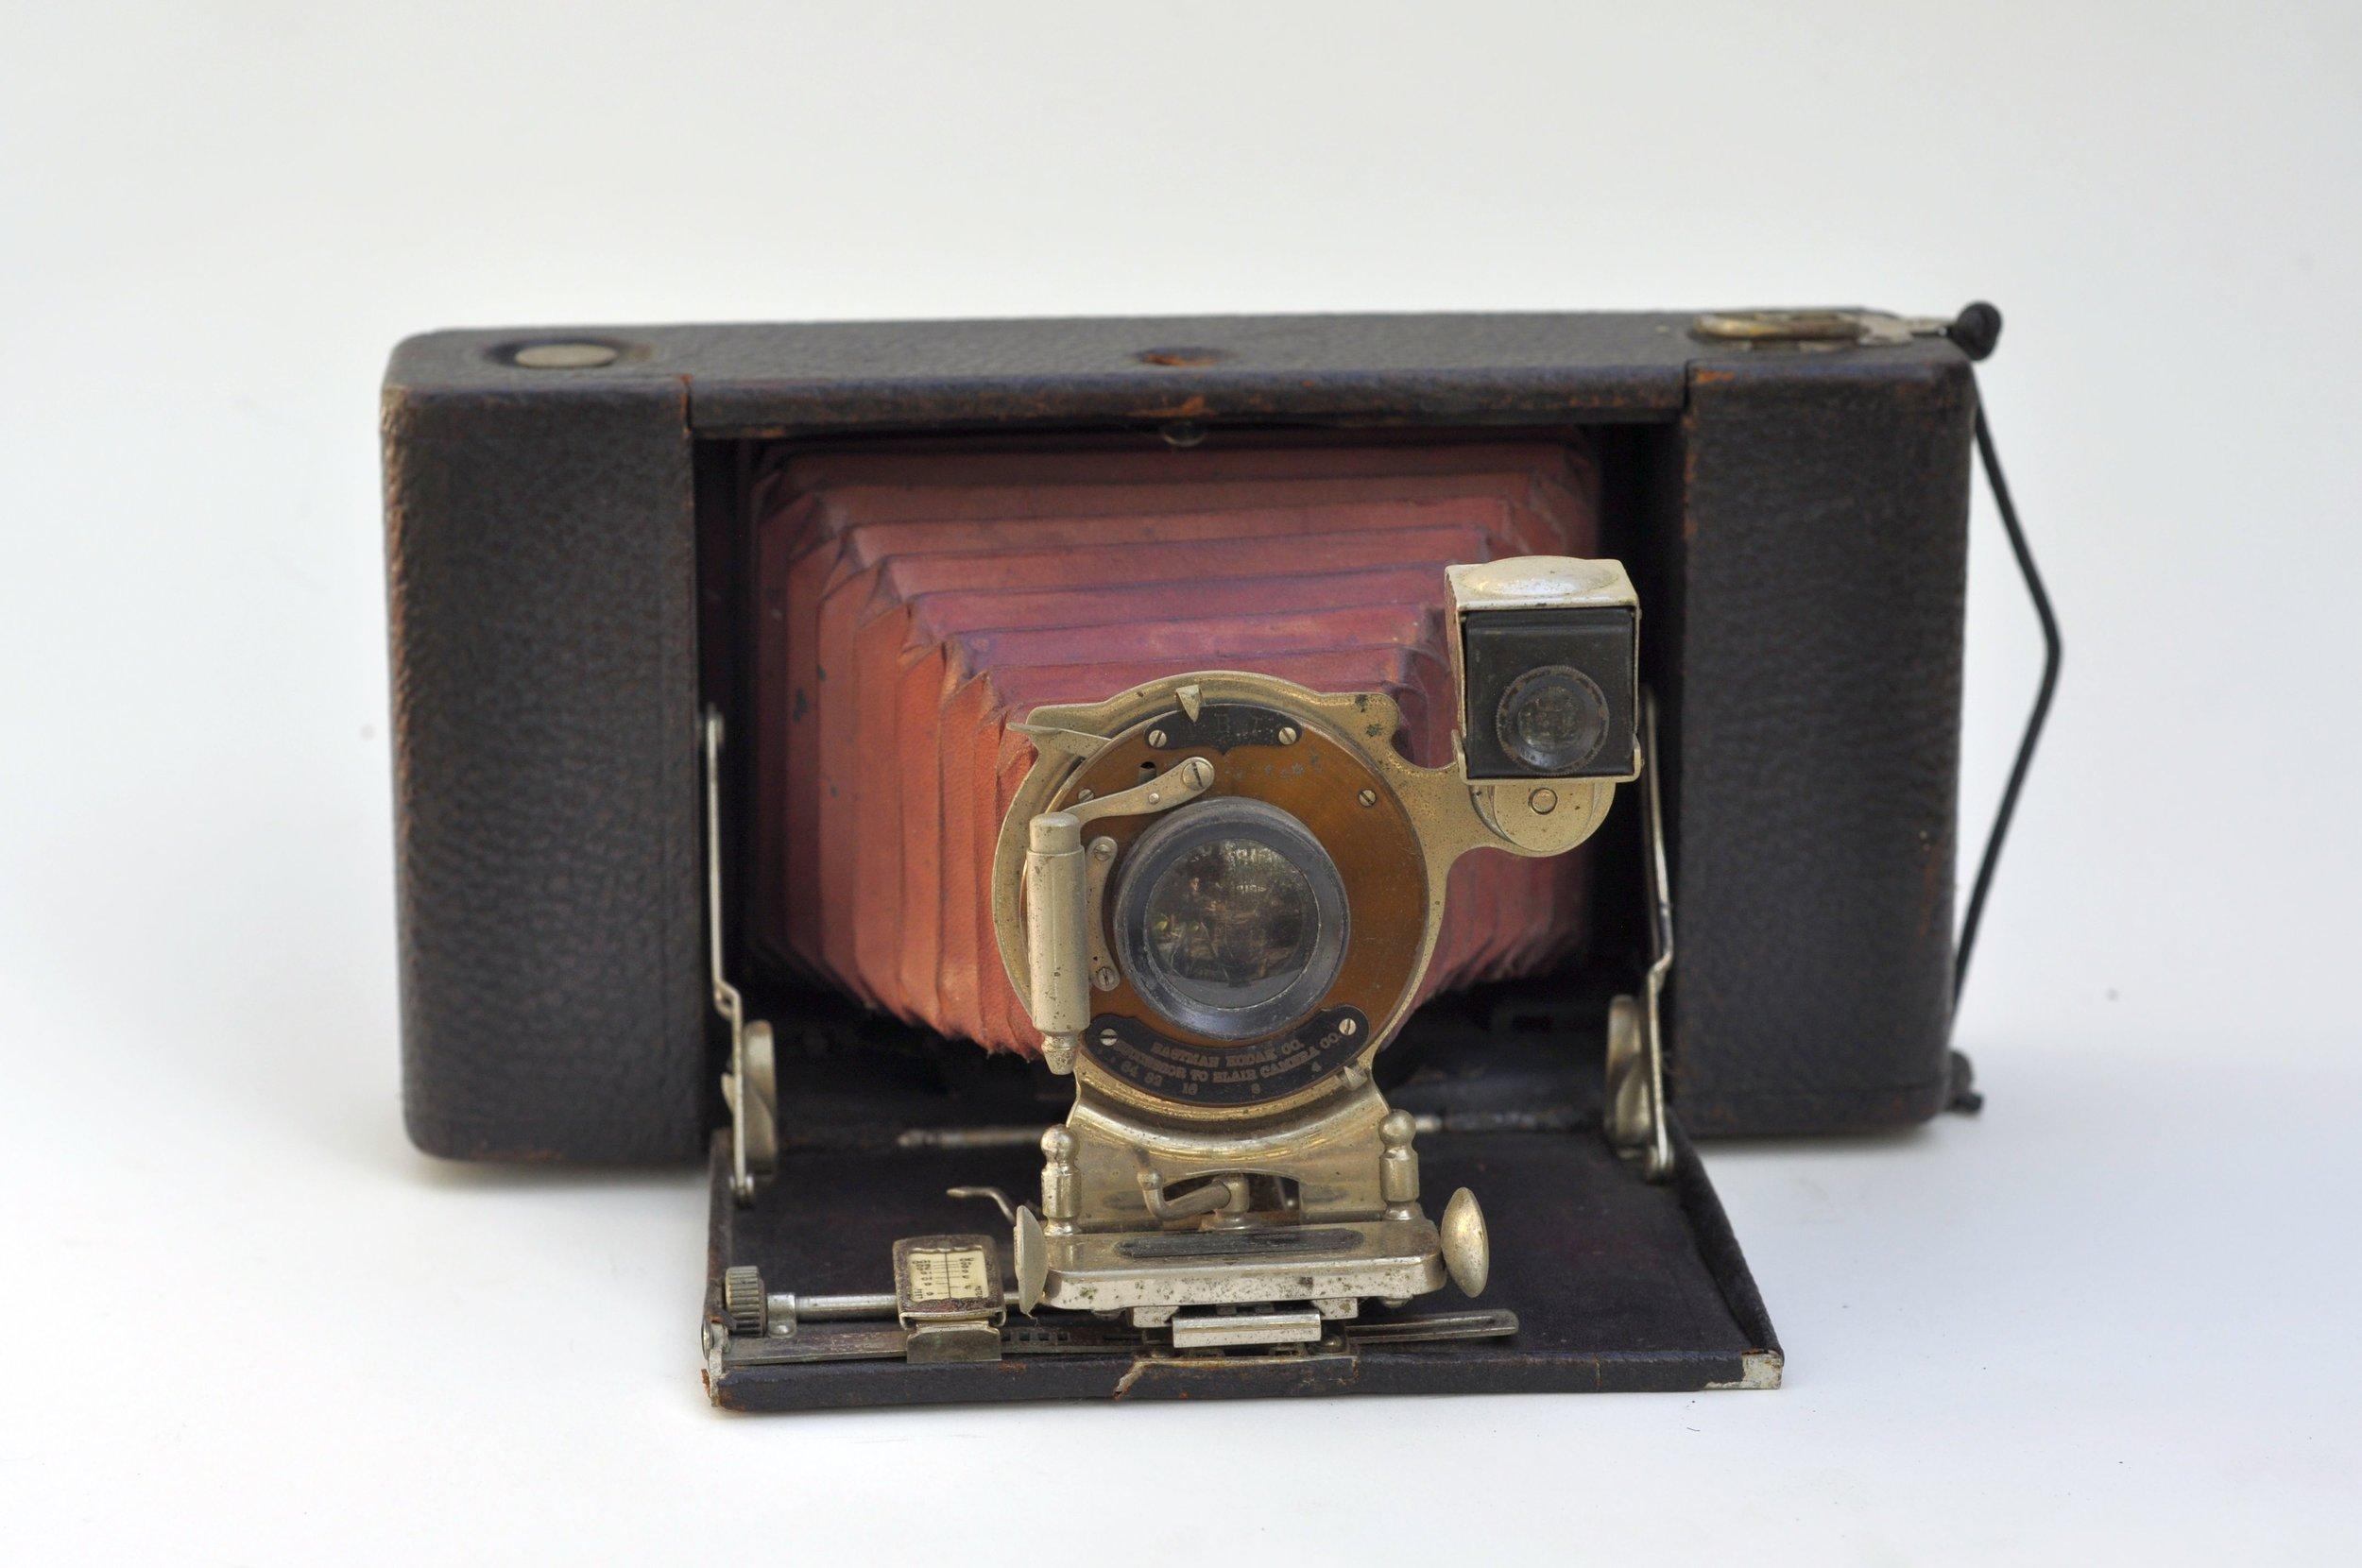 Source: Wikimedia: File:Kodak No 3A Folding Hawk-Eye model 1 - 1.JPG